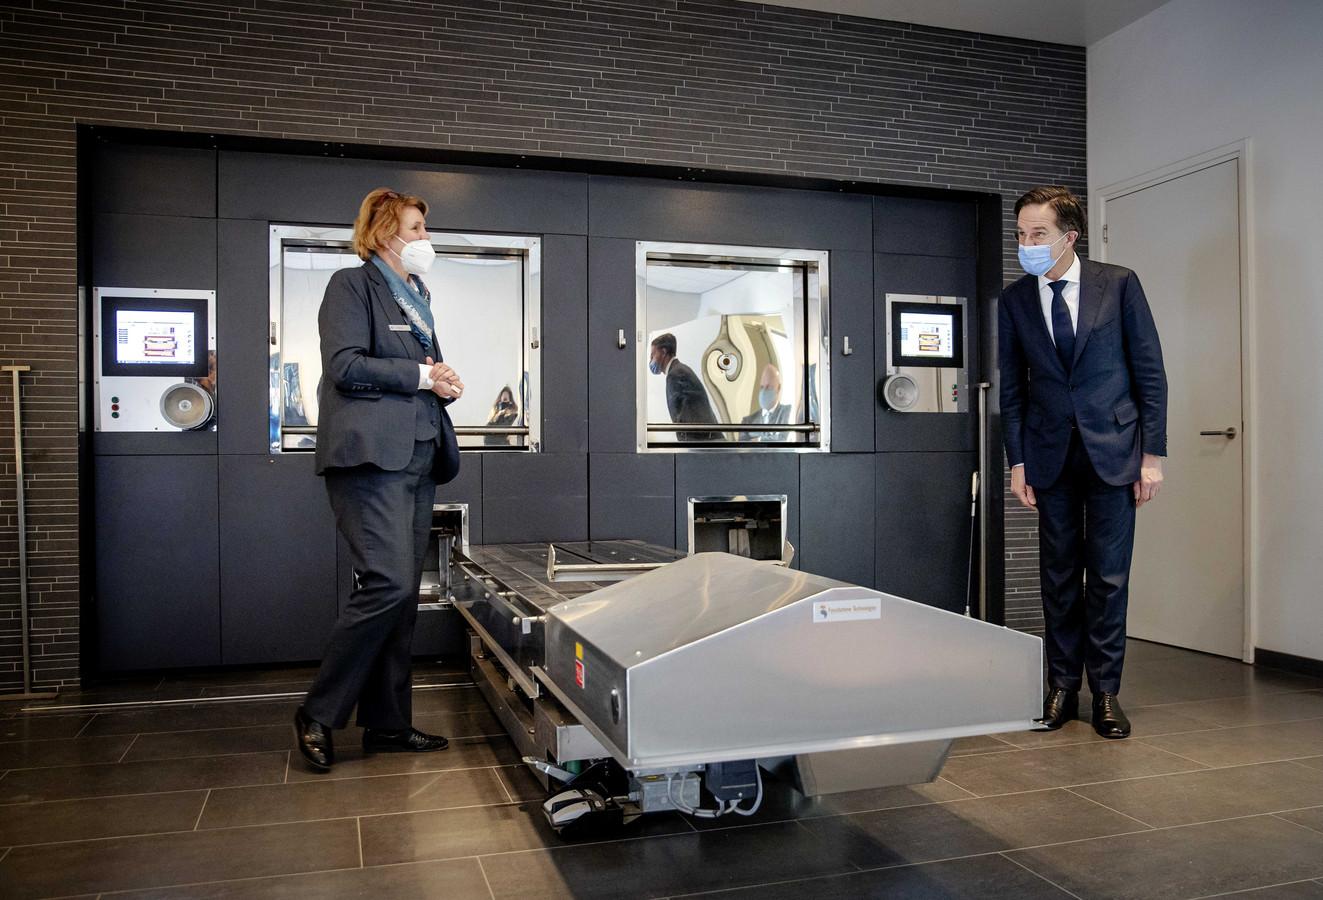 Demissionair premier Mark Rutte in februari tijdens een bezoek aan uitvaartcentrum Rijnhof in Leiden. Hij sprak daar met medewerkers van de uitvaartbranche over de impact van de coronacrisis op hun werk (archieffoto).